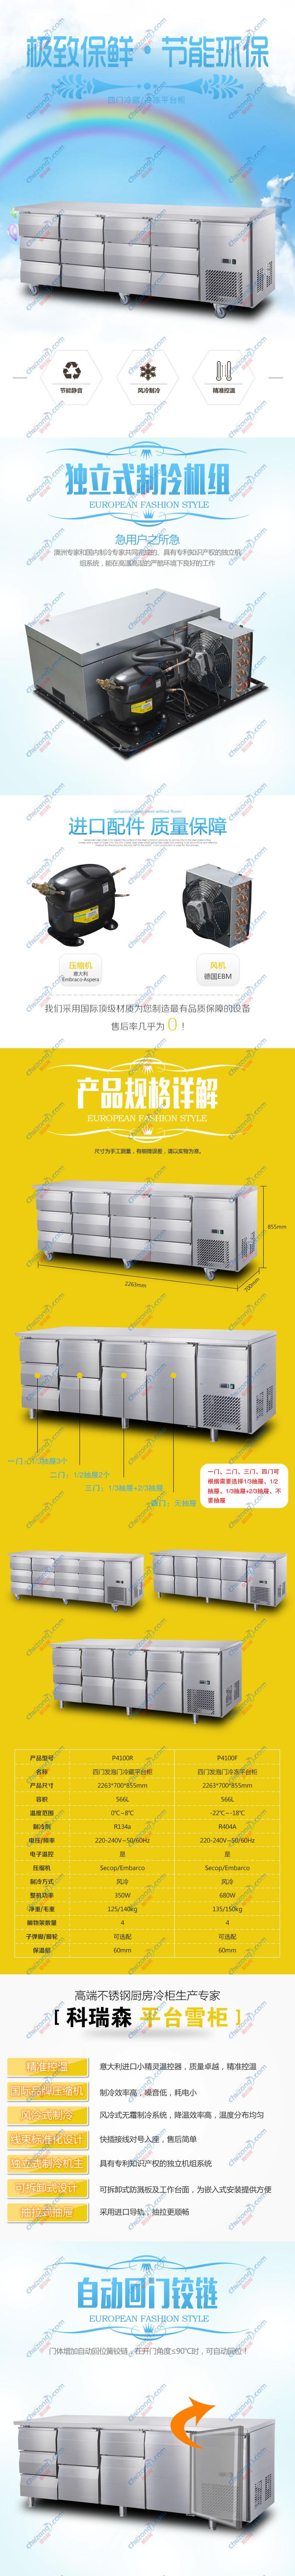 科瑞森四门冷藏冷冻柜